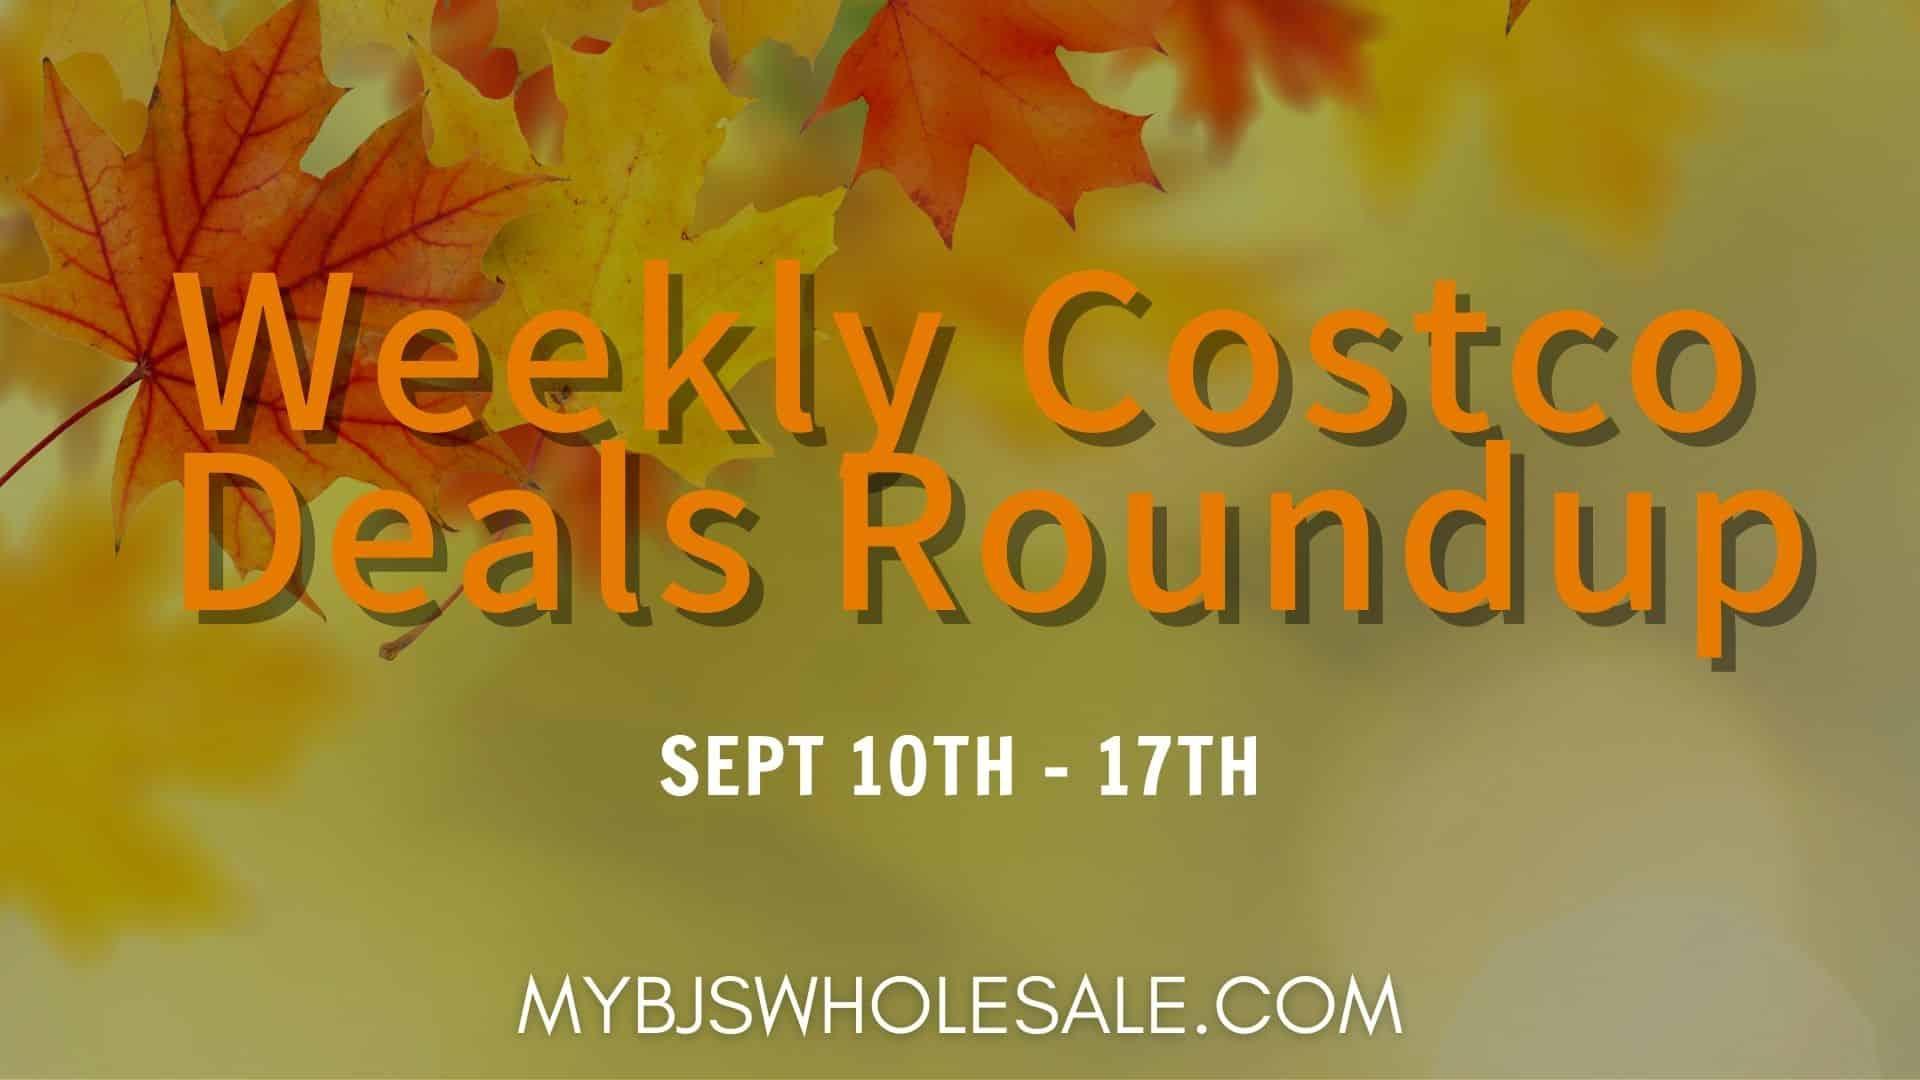 Weekly Costco Deals Roundup 9/13